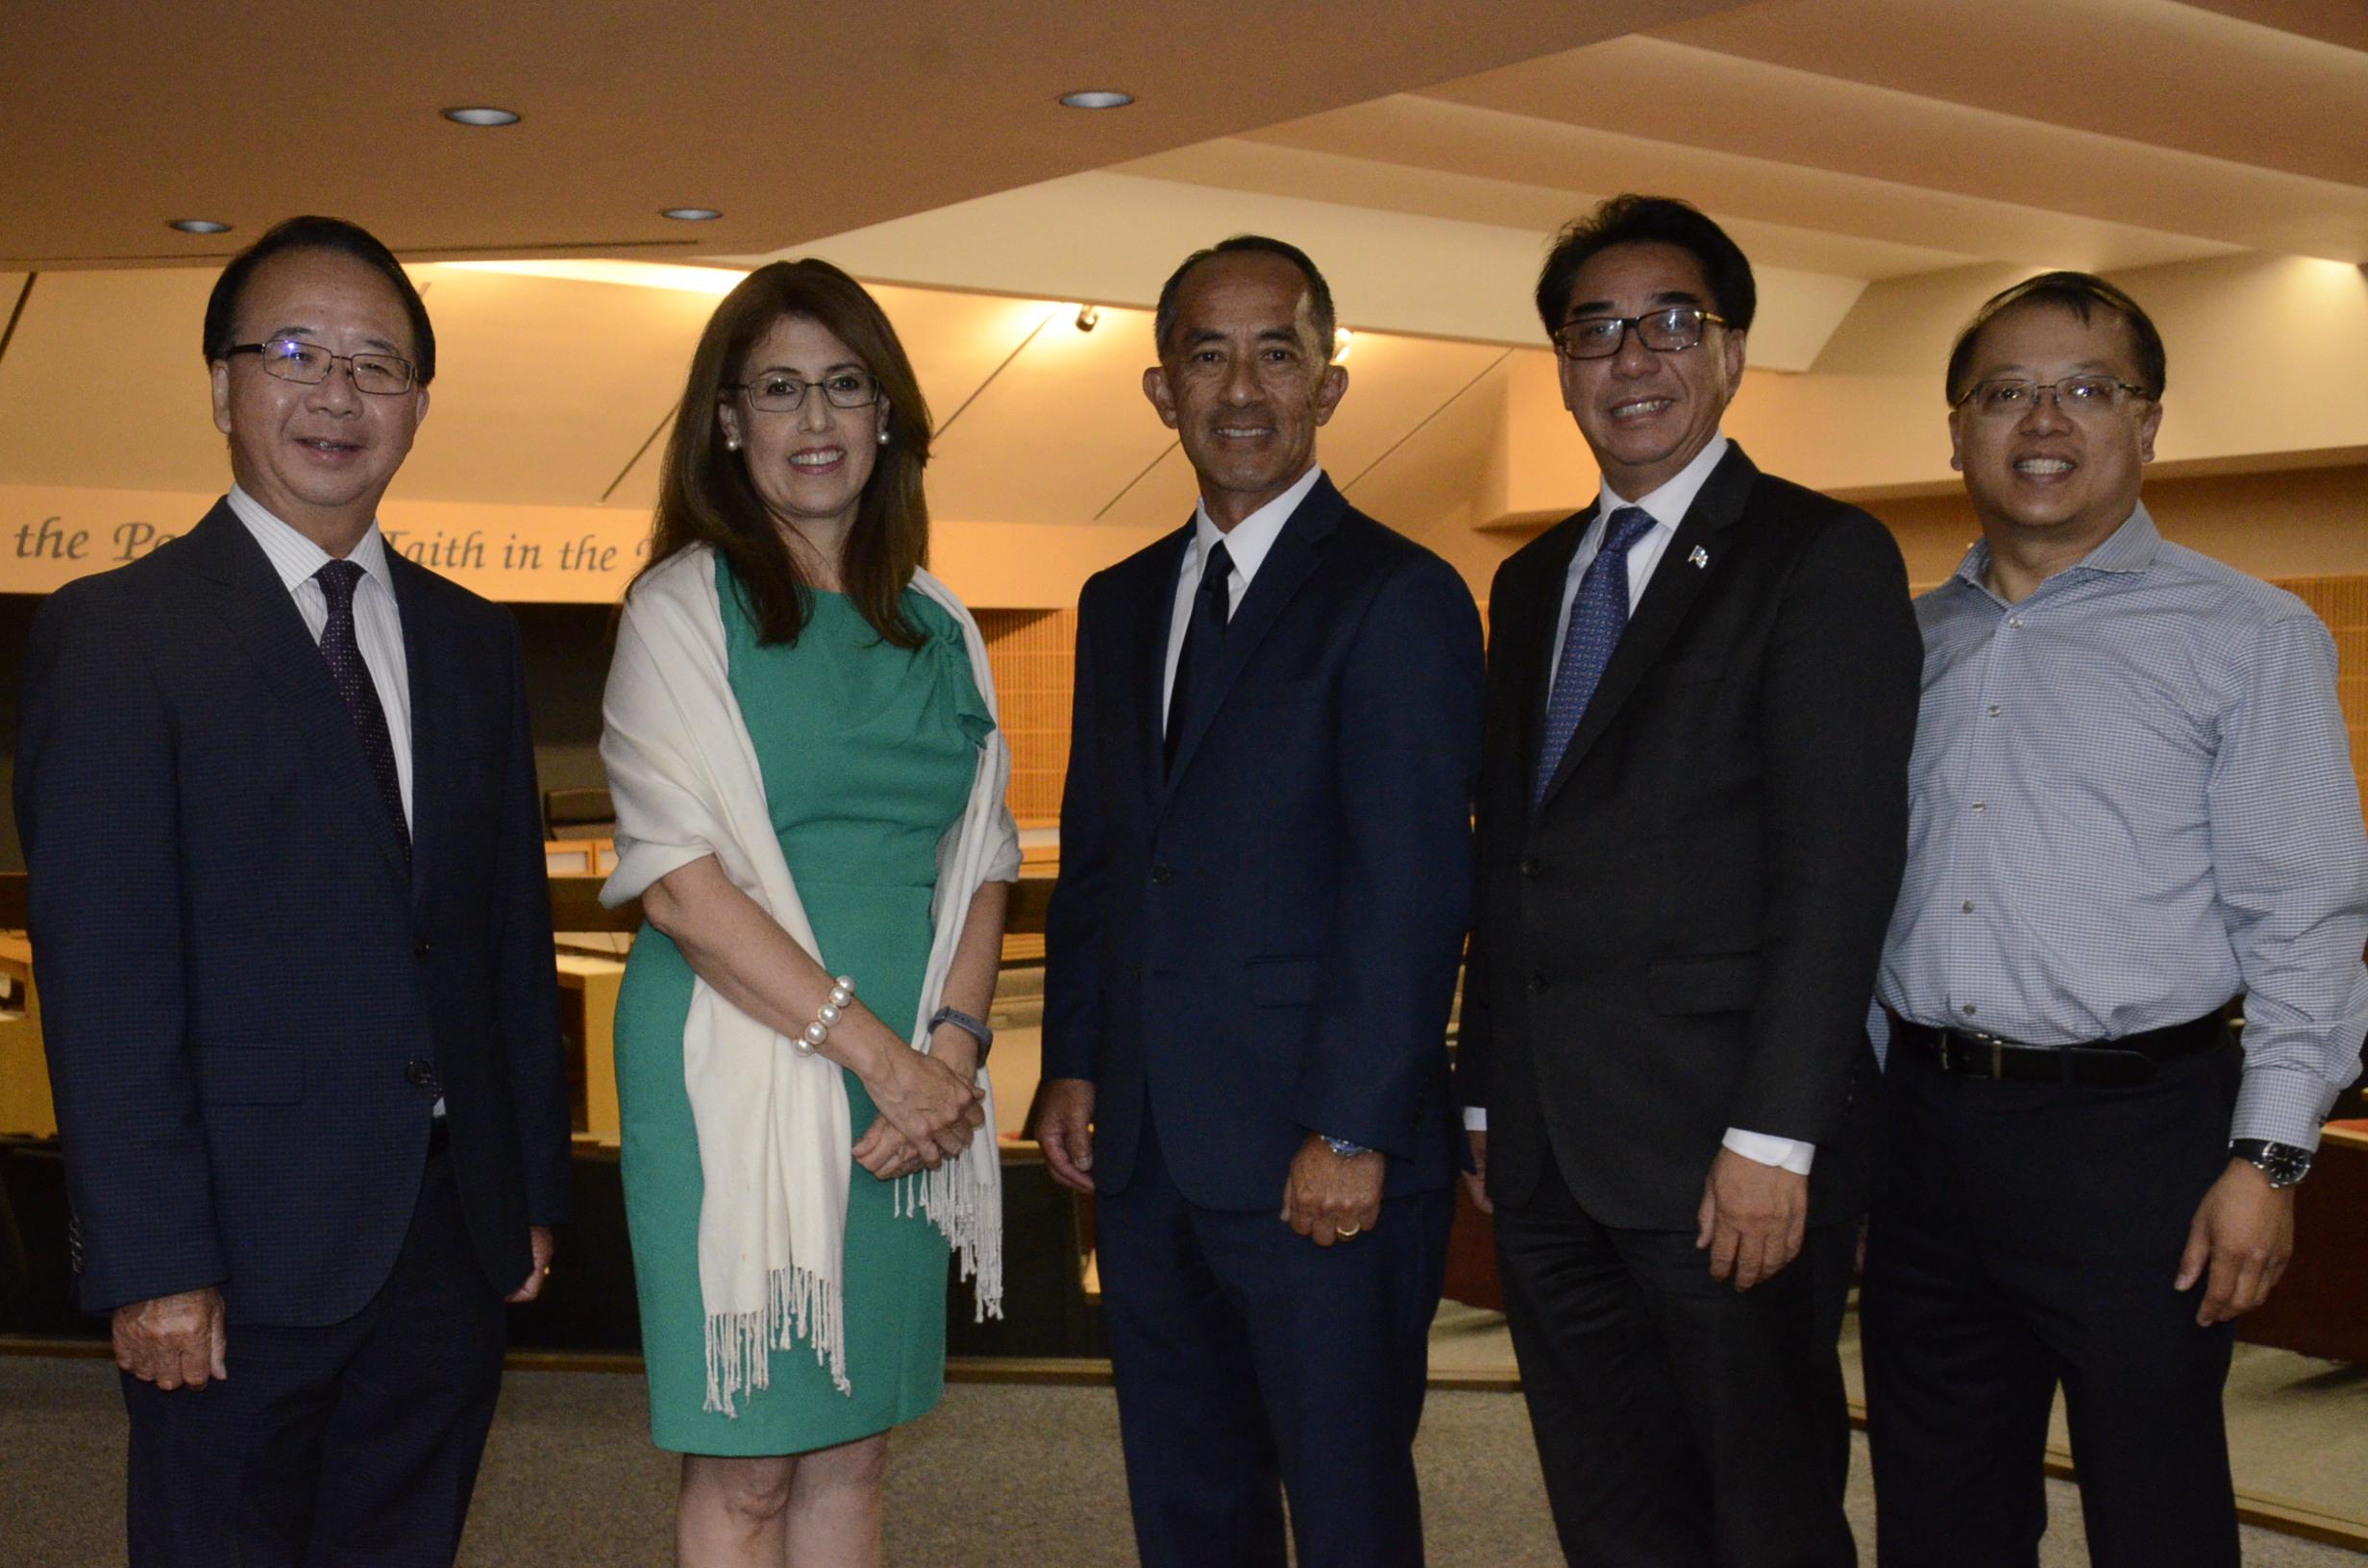 (左起)陳贊新、西佰斯頓、寶郎諾、林達堅和吳學儒合影。記者彭依寧攝